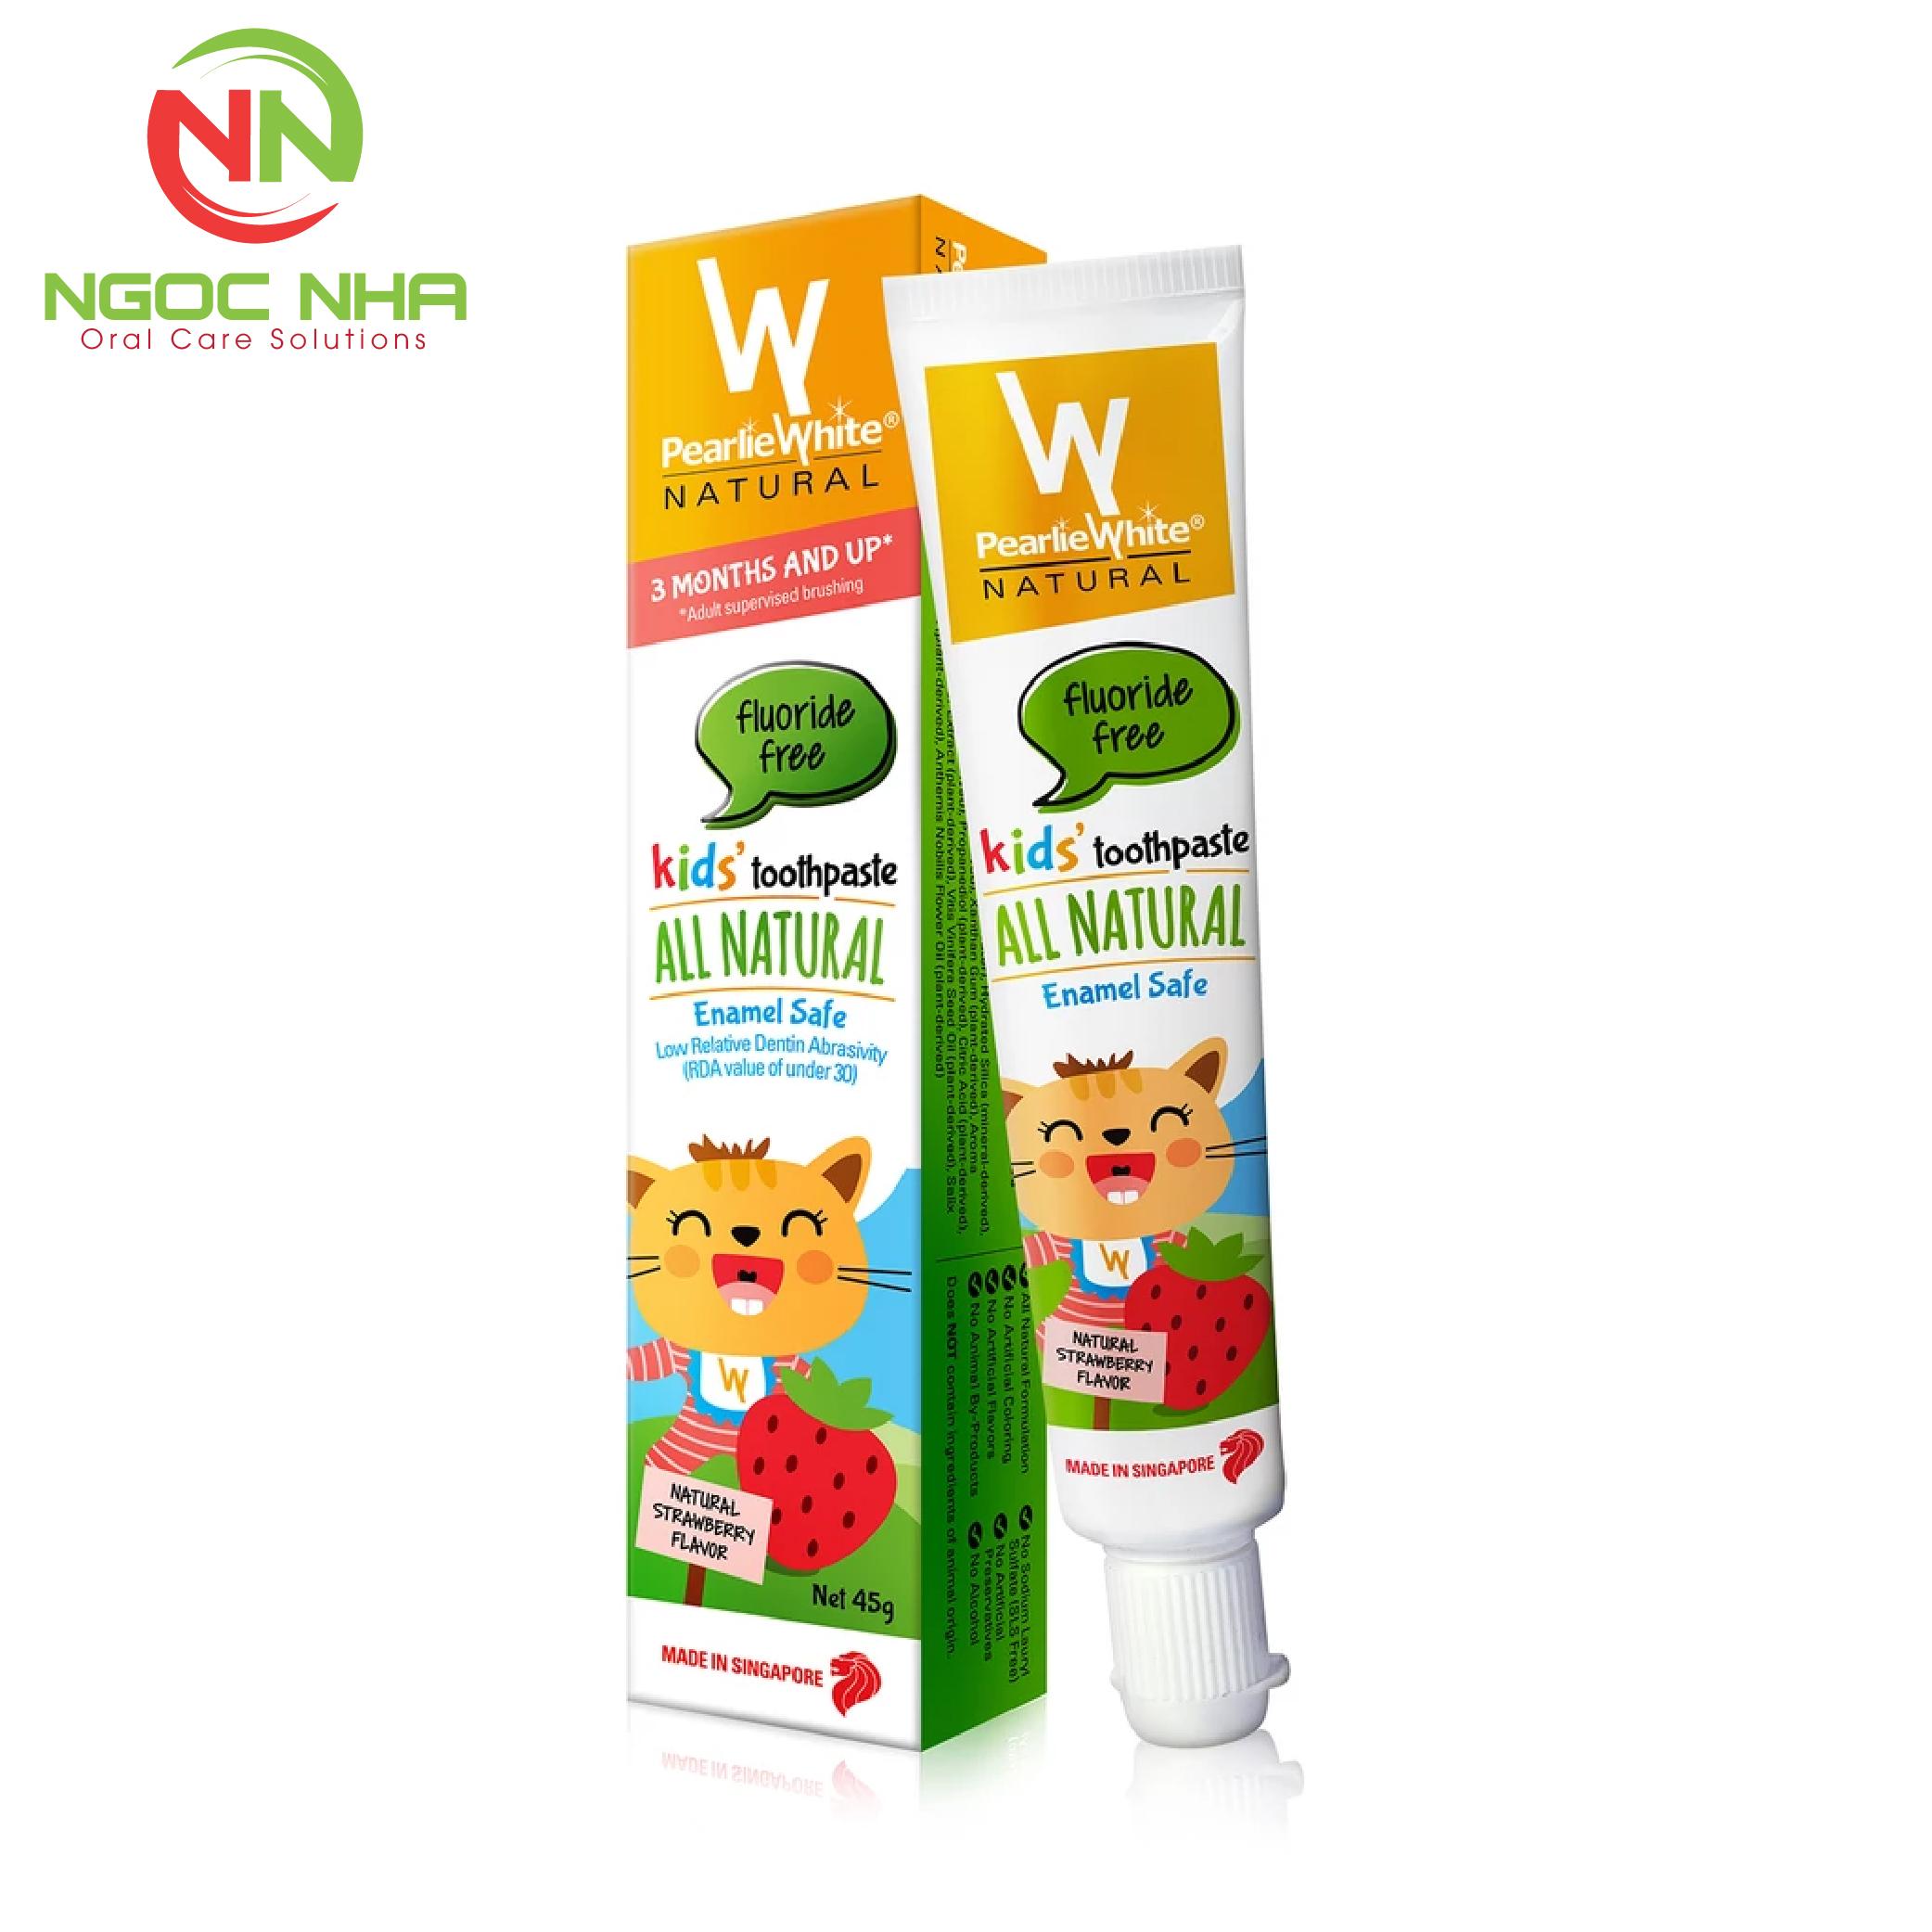 Kem đánh răng thiên nhiên không chứa Fluor chống sâu răng cho trẻ em